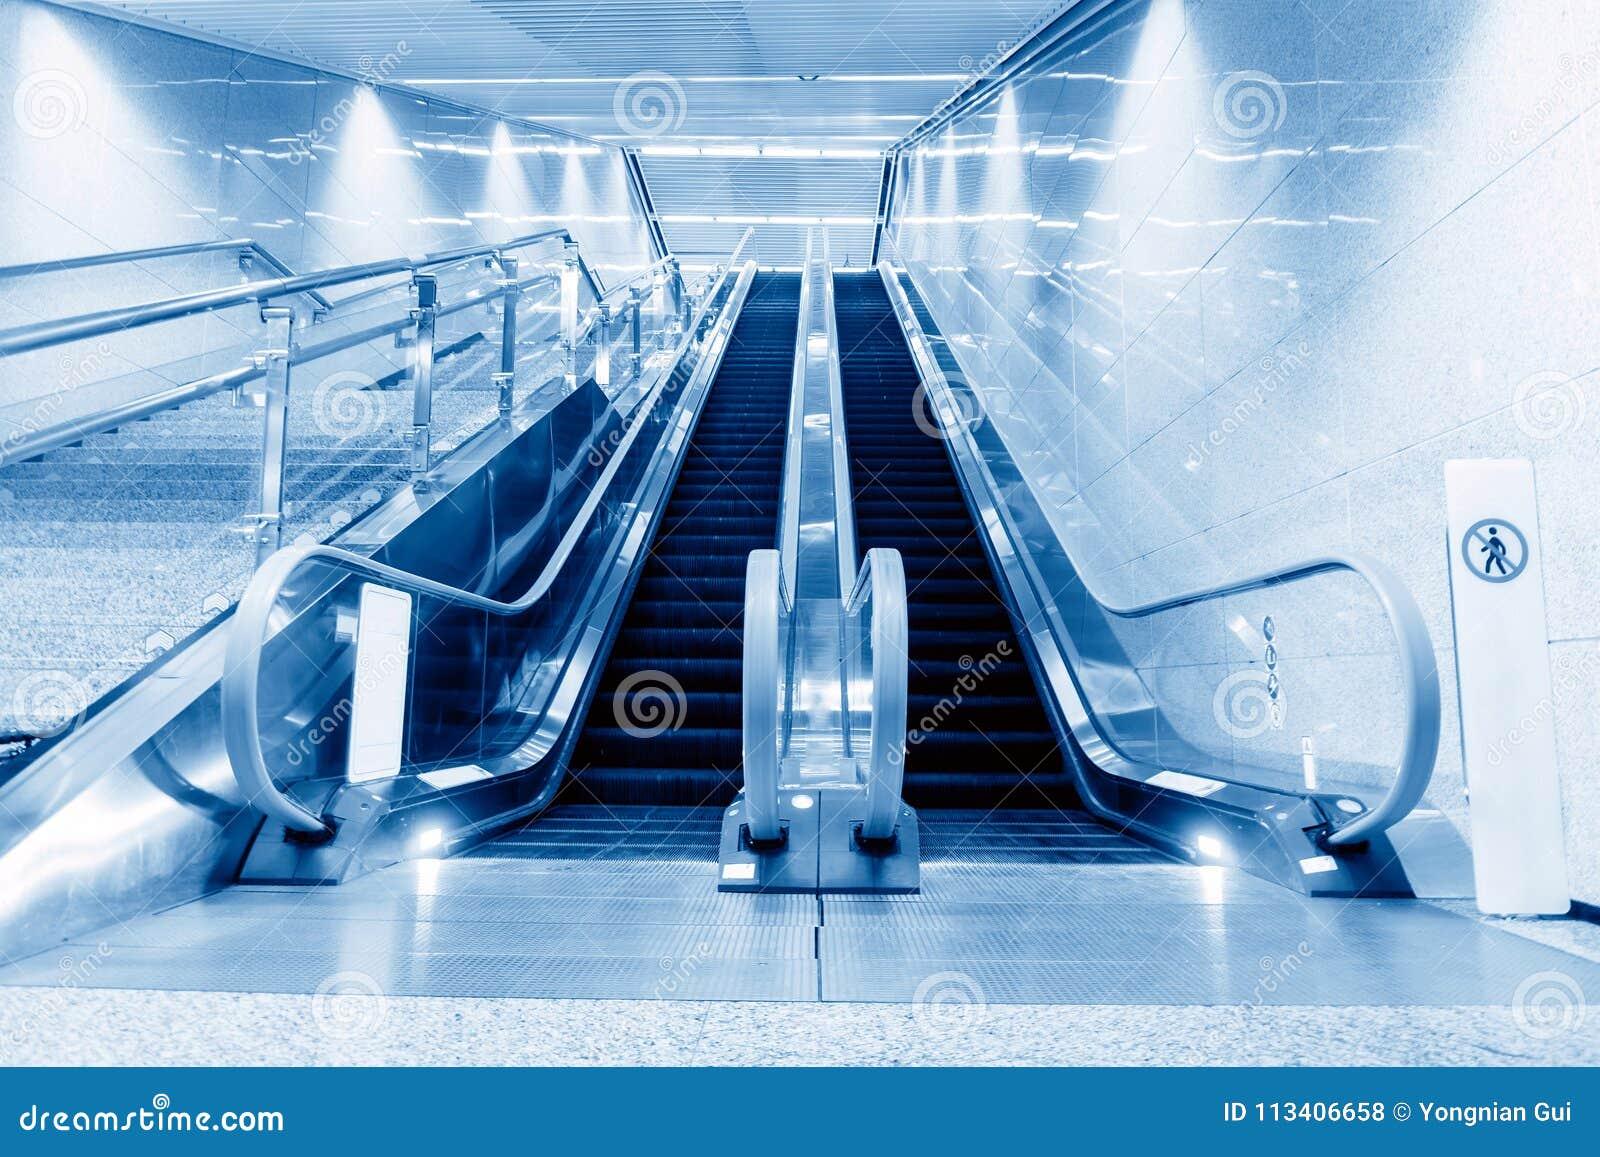 霍尔和自动扶梯